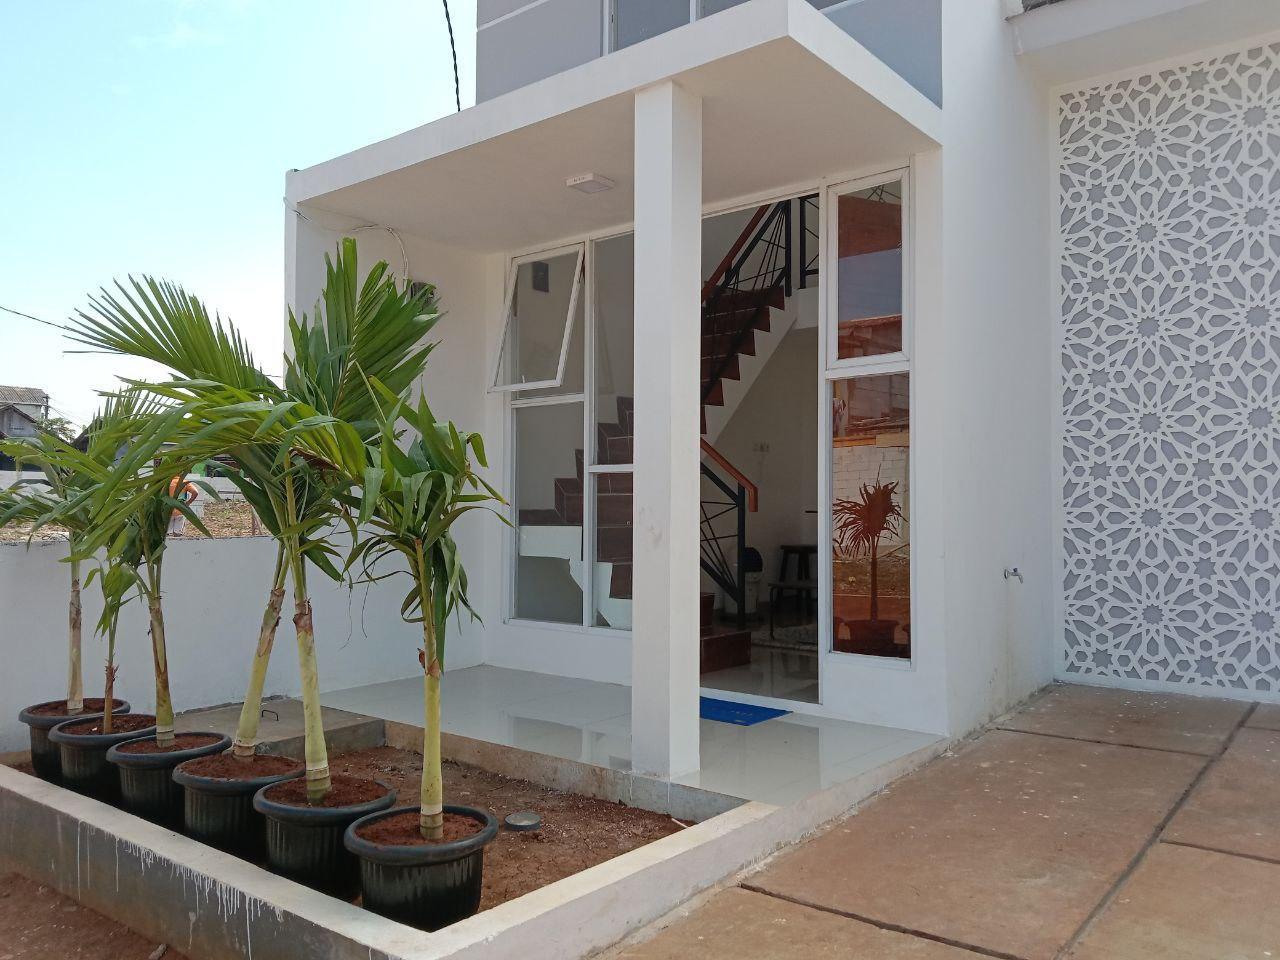 perumahan-syariah-bekasi-perumahan-syariah-tambun-gambar-dalam-rumah-contoh-green-jatimulya-davpropertysyariah